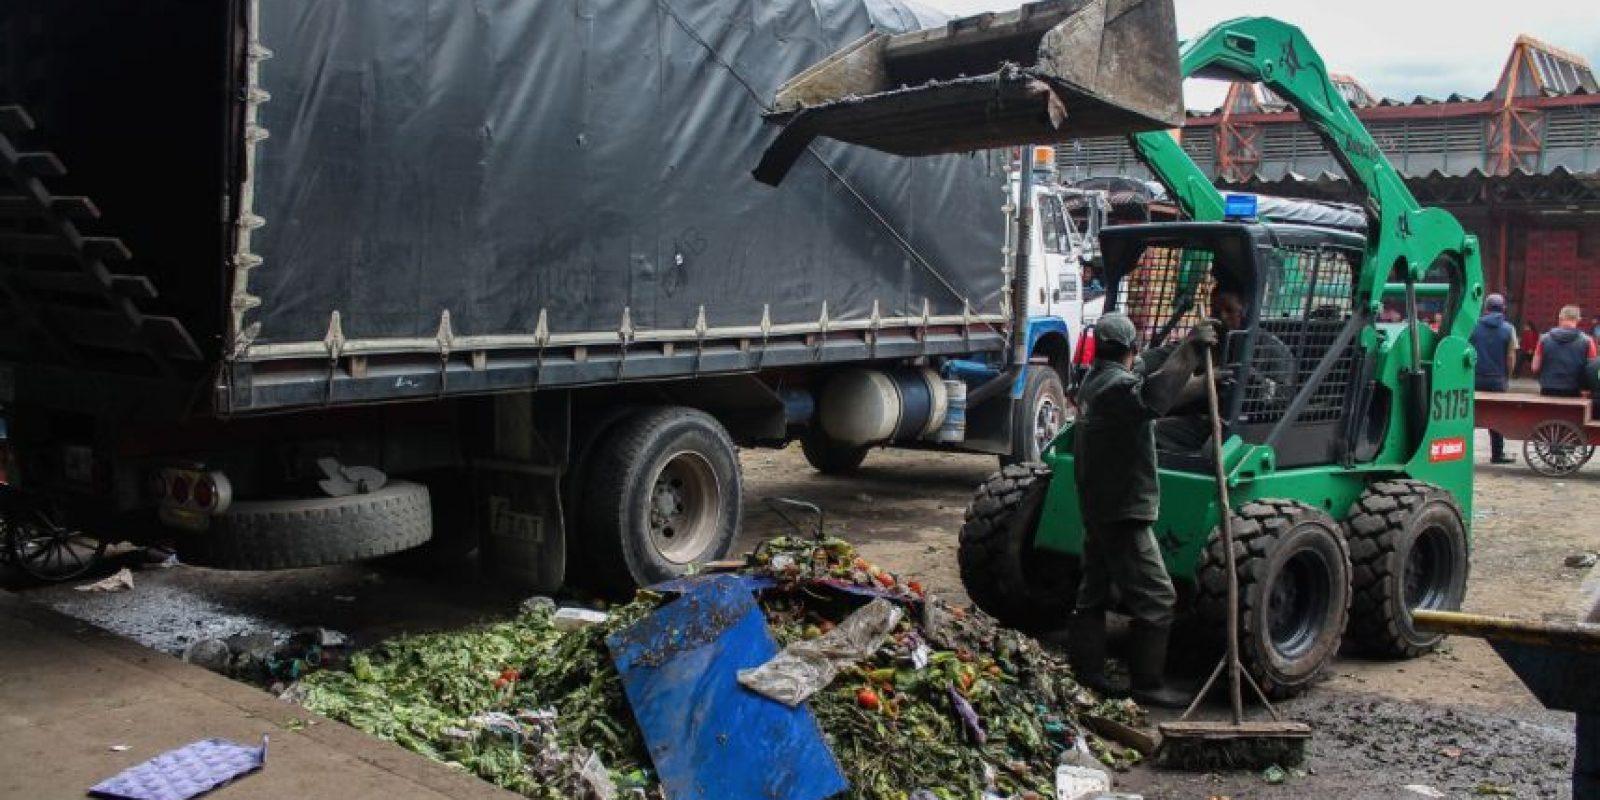 Cuando los contenedores no da más, los andenes se convierten en una especie de botadero. Foto:Sofía Toscano-Publimetro